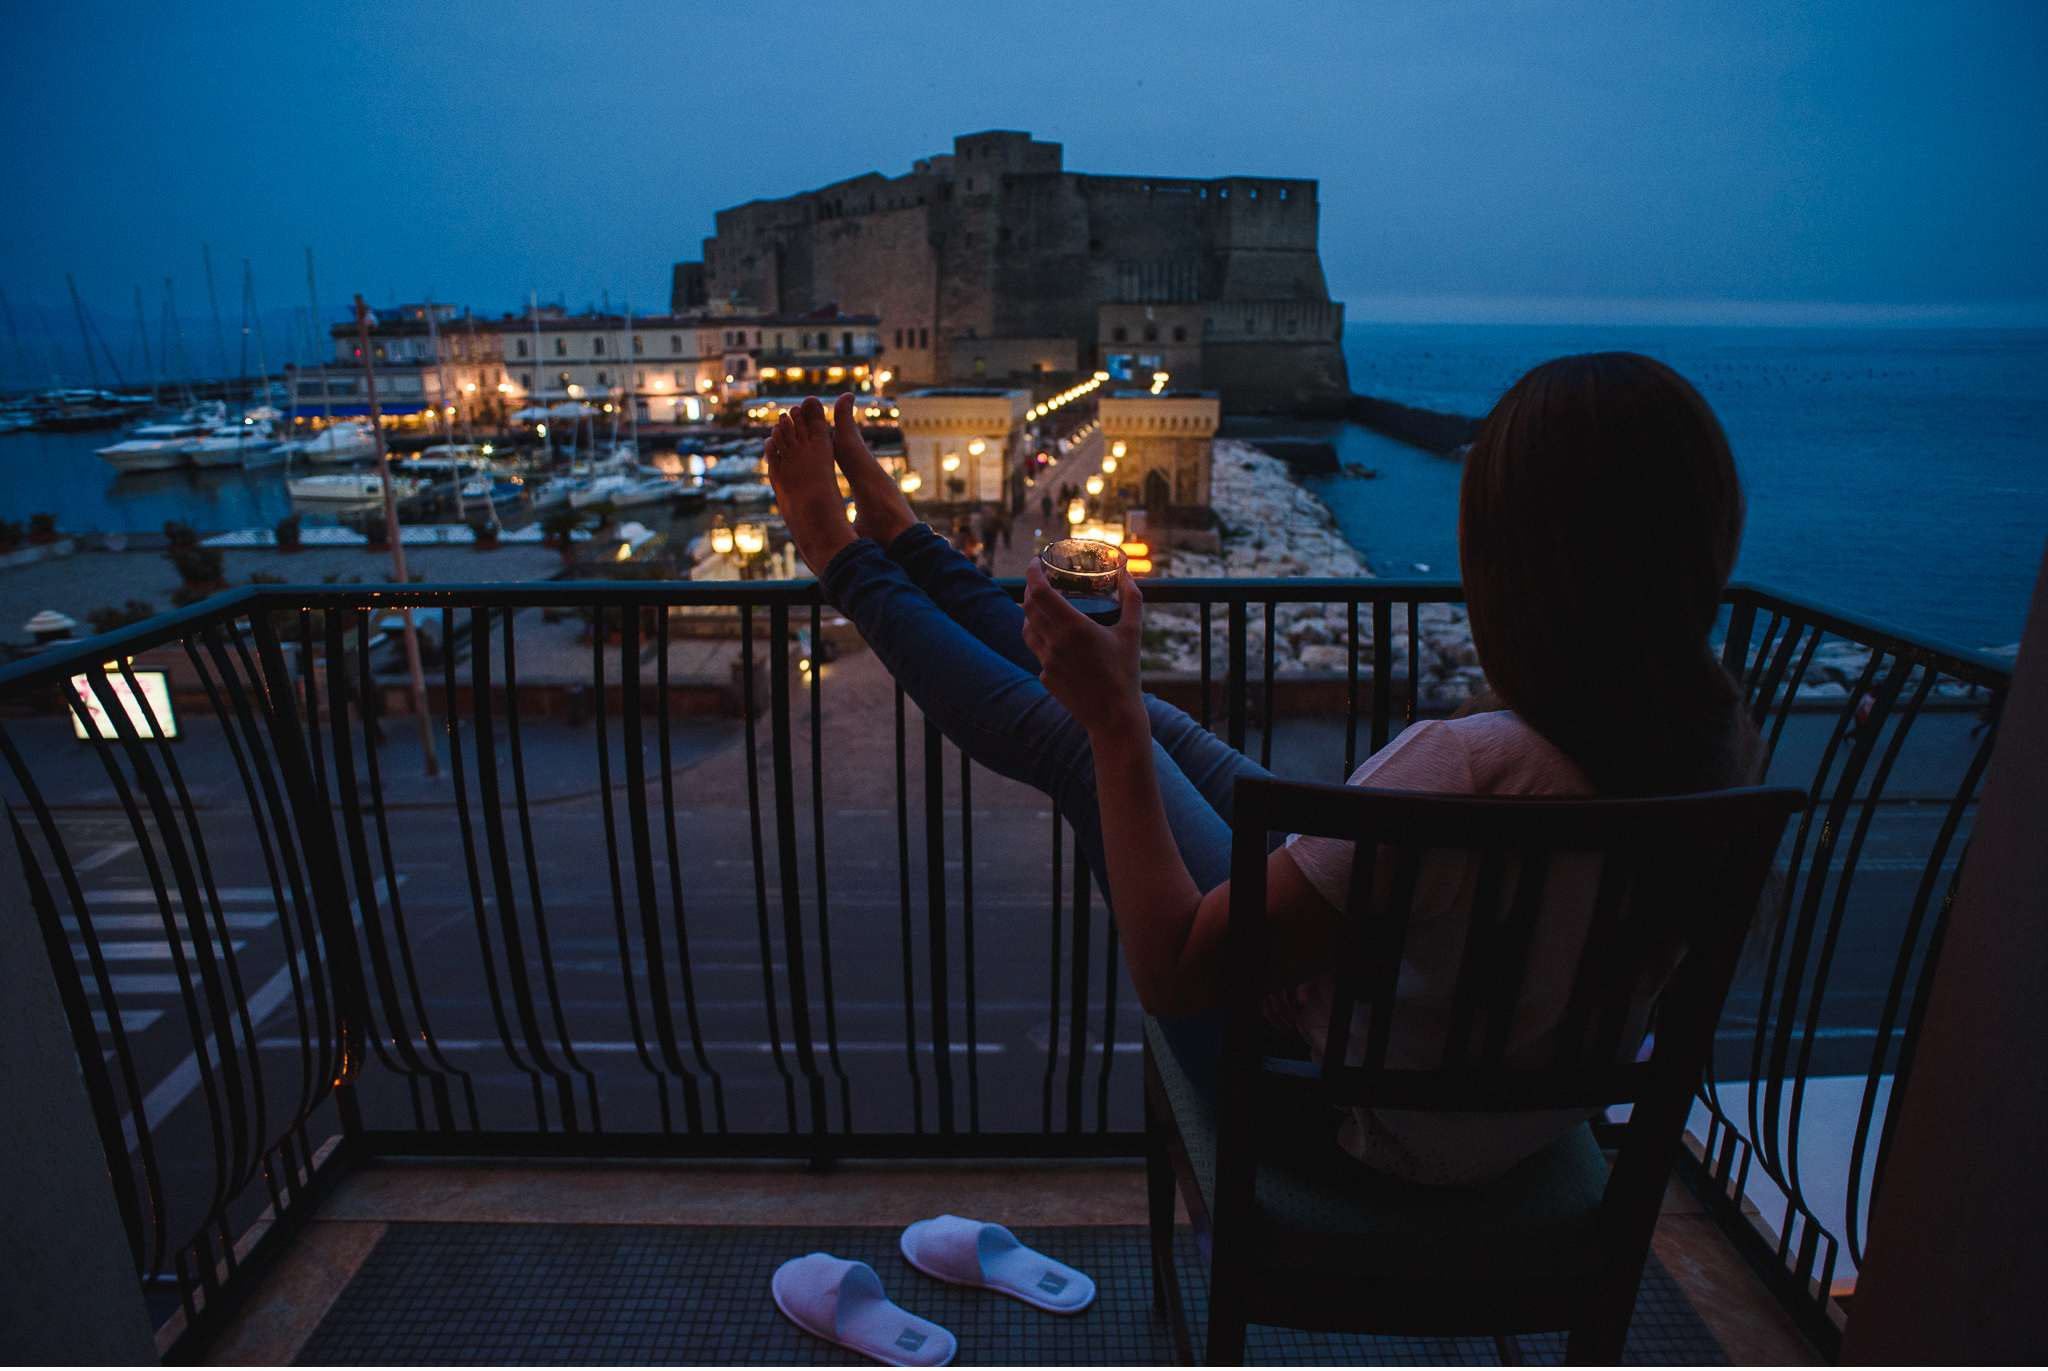 Interrail Reise - Italien Neapel - Geschichten von unterwegs - Foto Daniel Kempf-Seifried-117